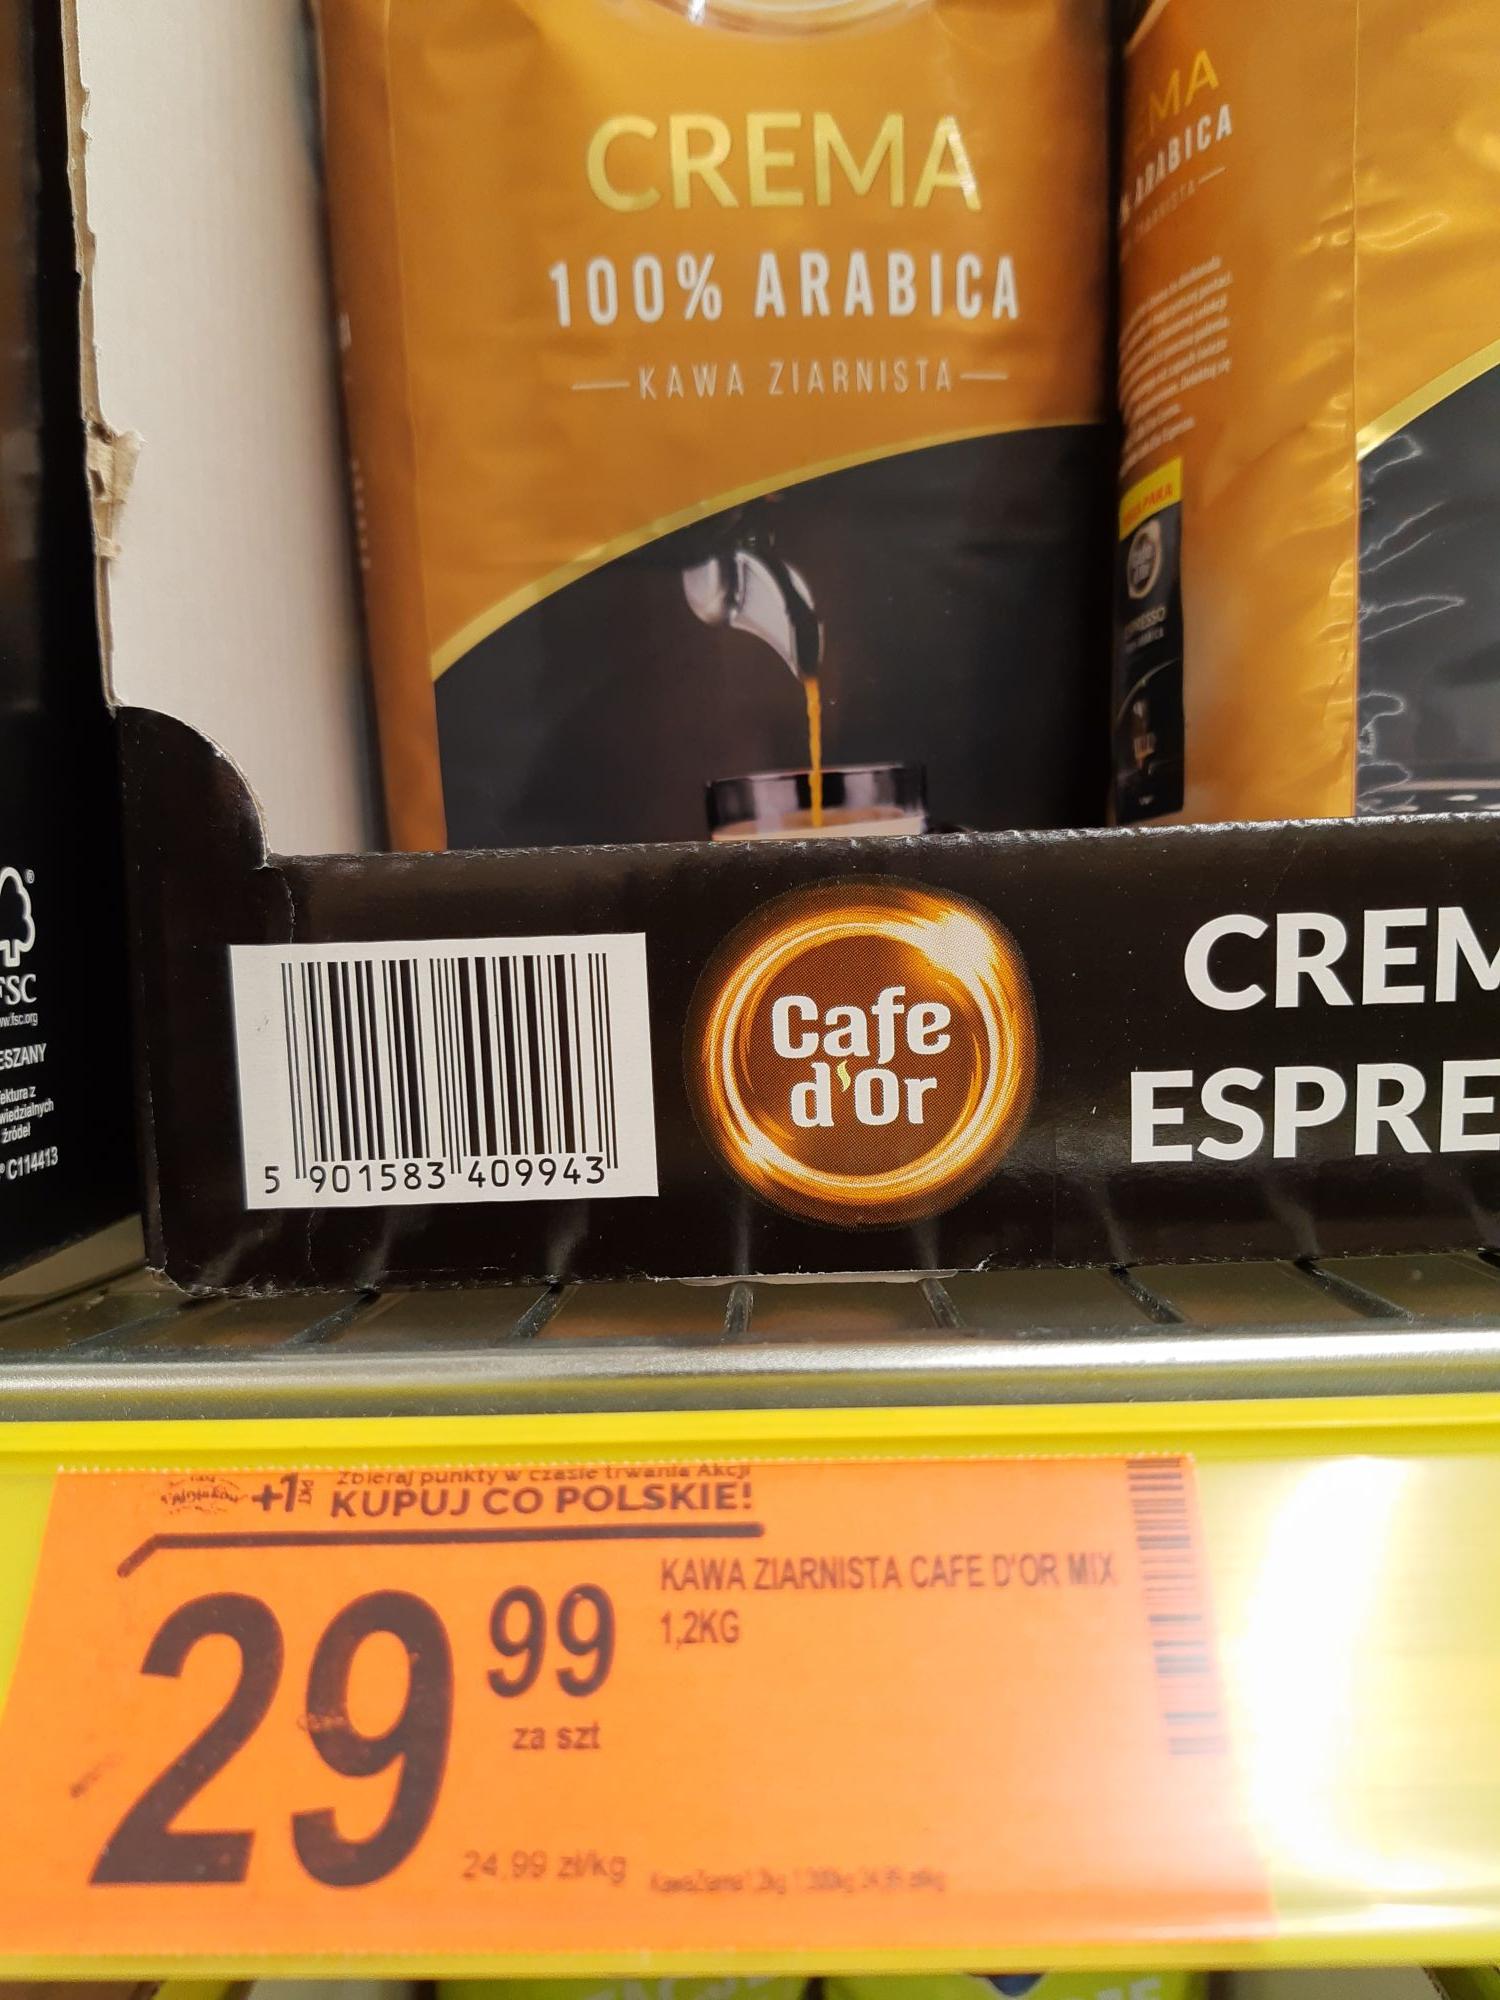 Kawa ziarnista Cafe d'Or CREMA 1,2KG